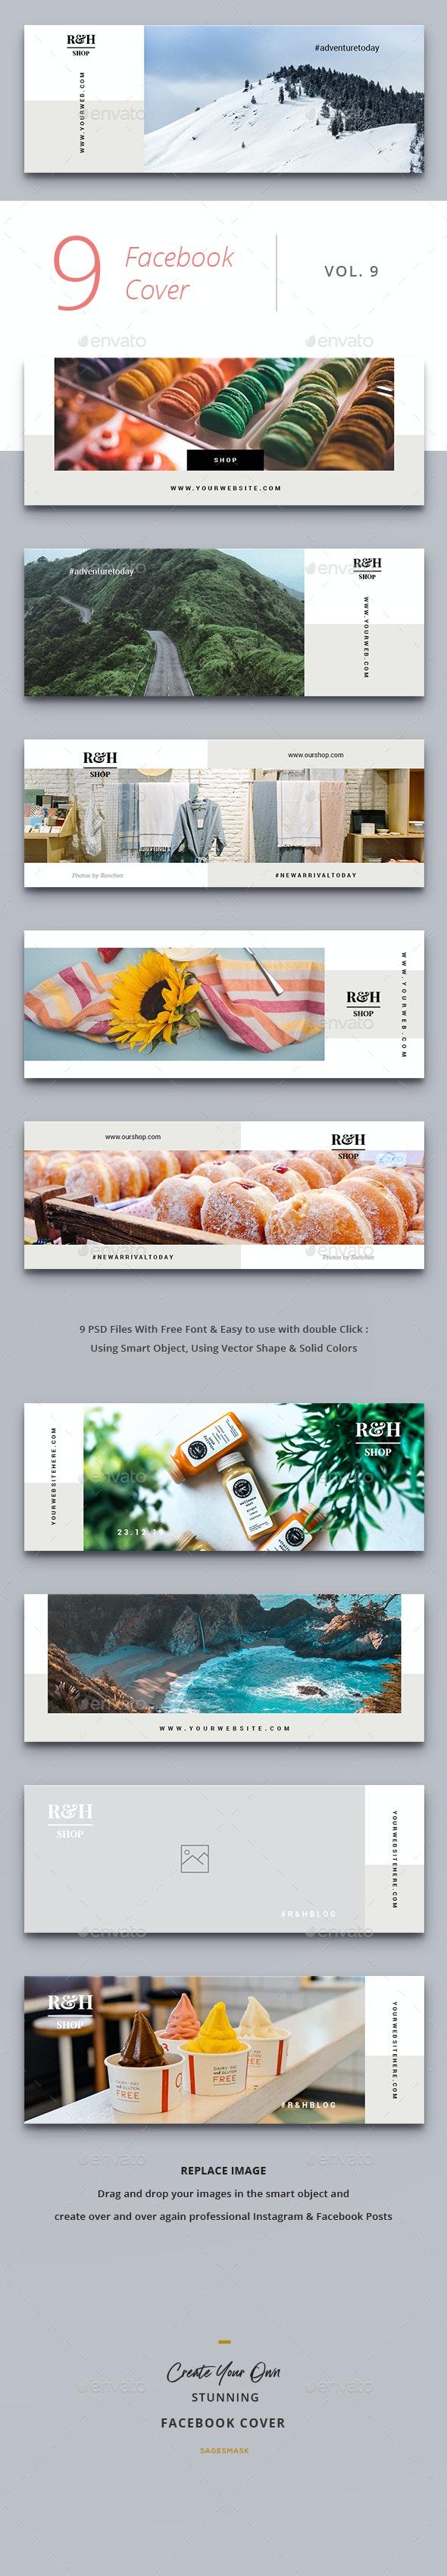 Facebook Cover Vol. 9 - Social Media Web Elements